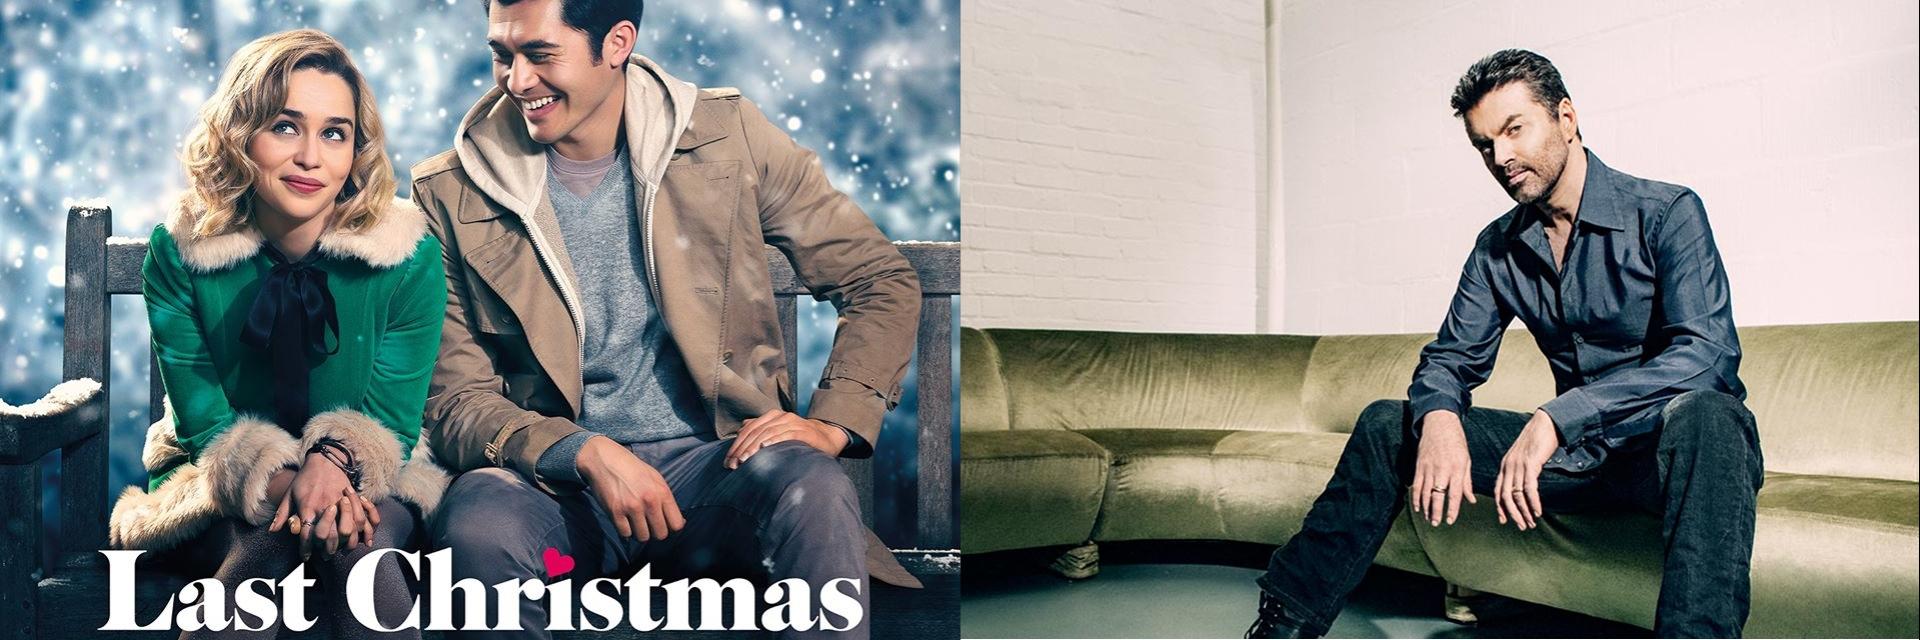 英國傳奇巨星喬治麥可最後遺作曝光 電影【最後聖誕節】即將惹哭千萬樂迷